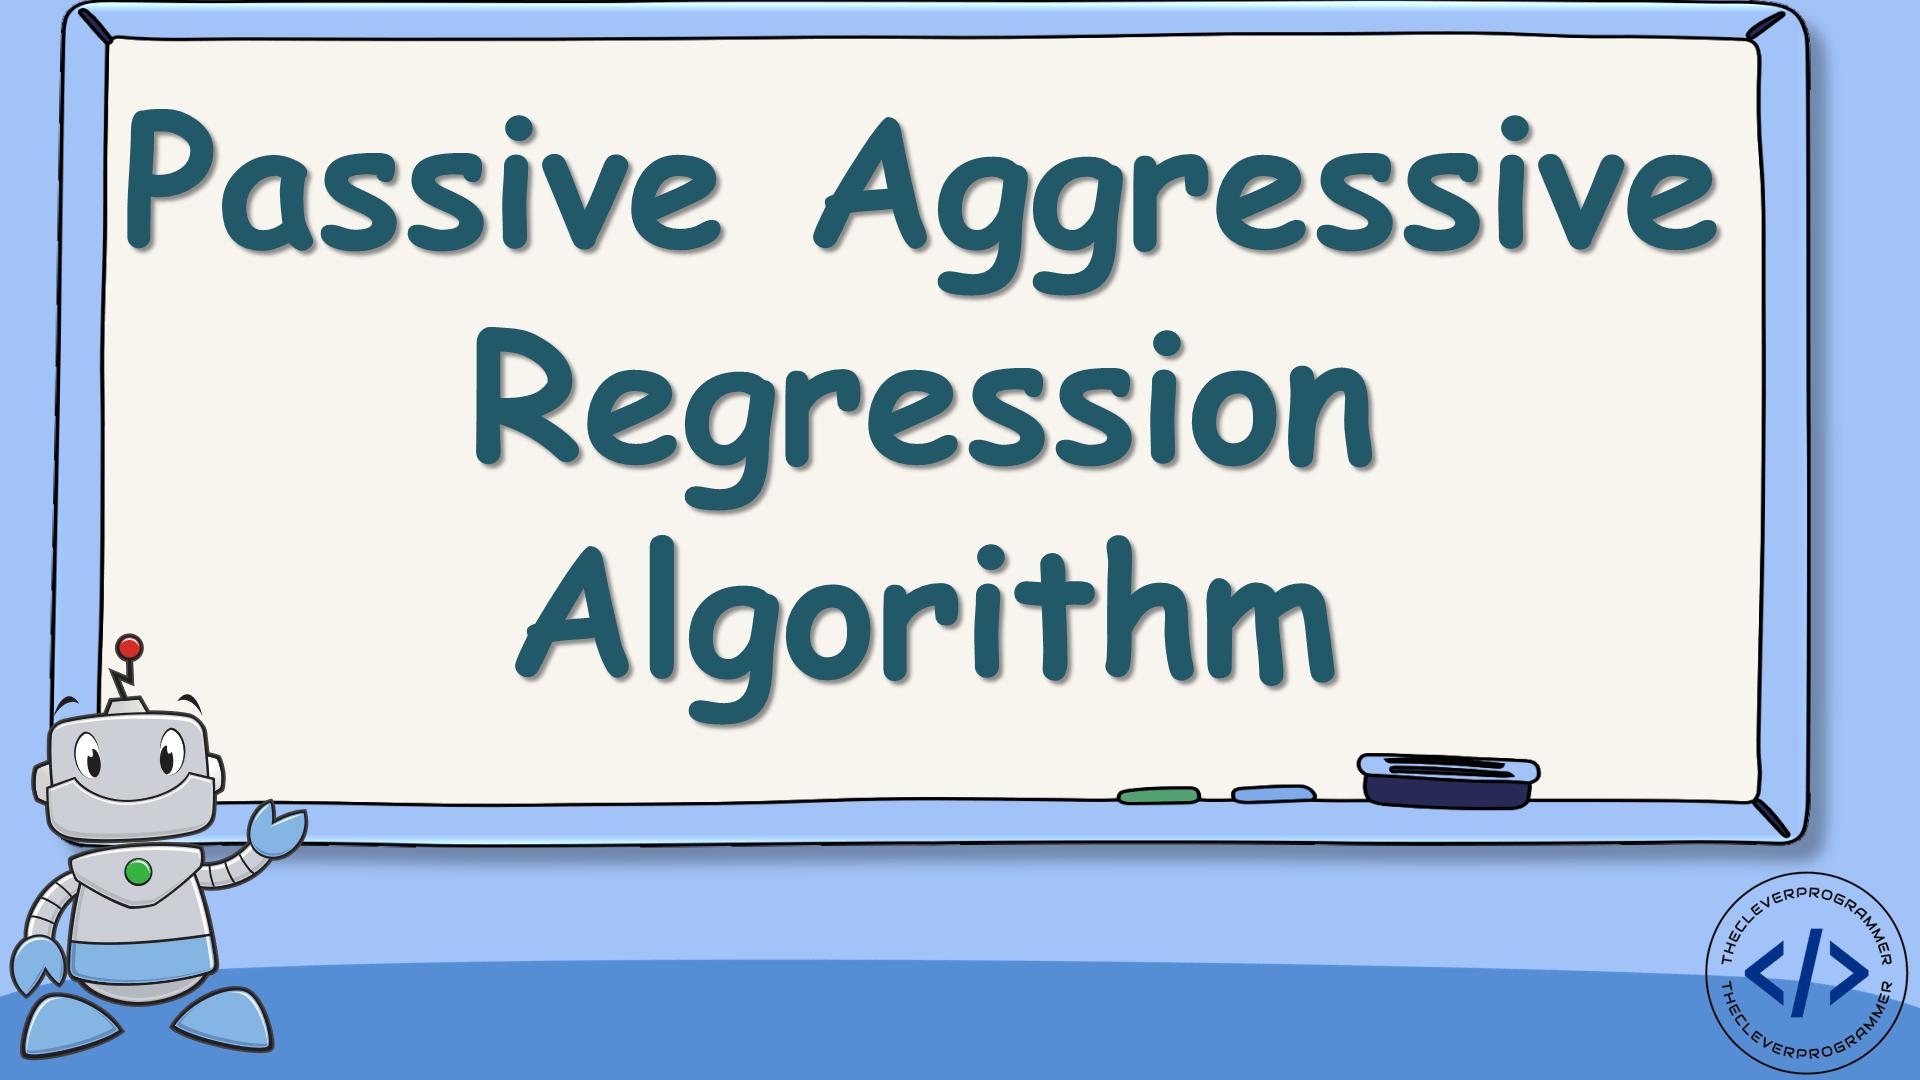 Passive Aggressive Regression in Machine Learning